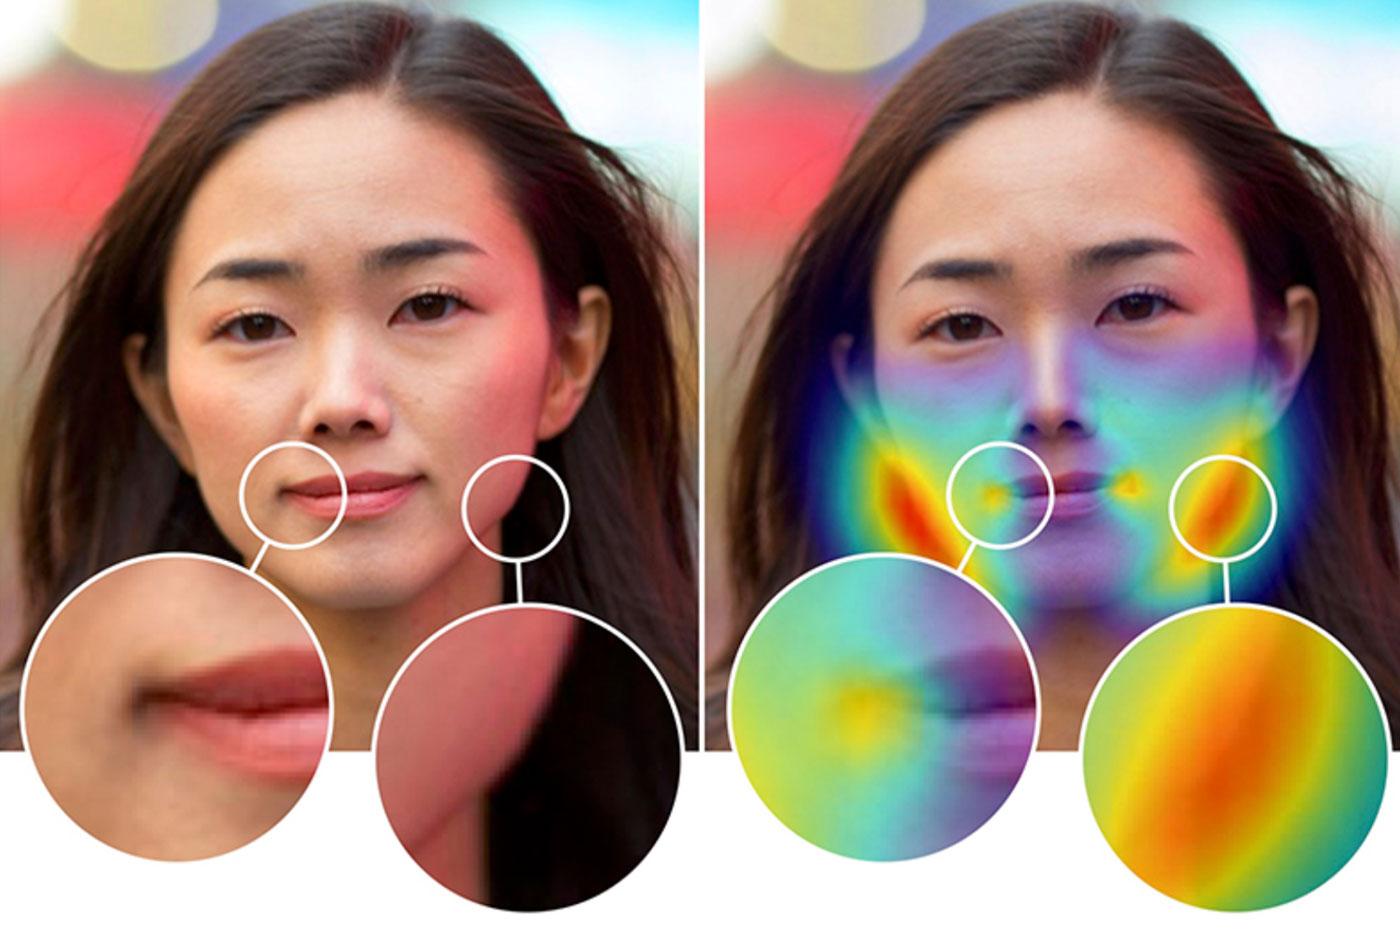 Adobe déplore les dérives de Photoshop… et dévoile un outil pour détecter les trucages